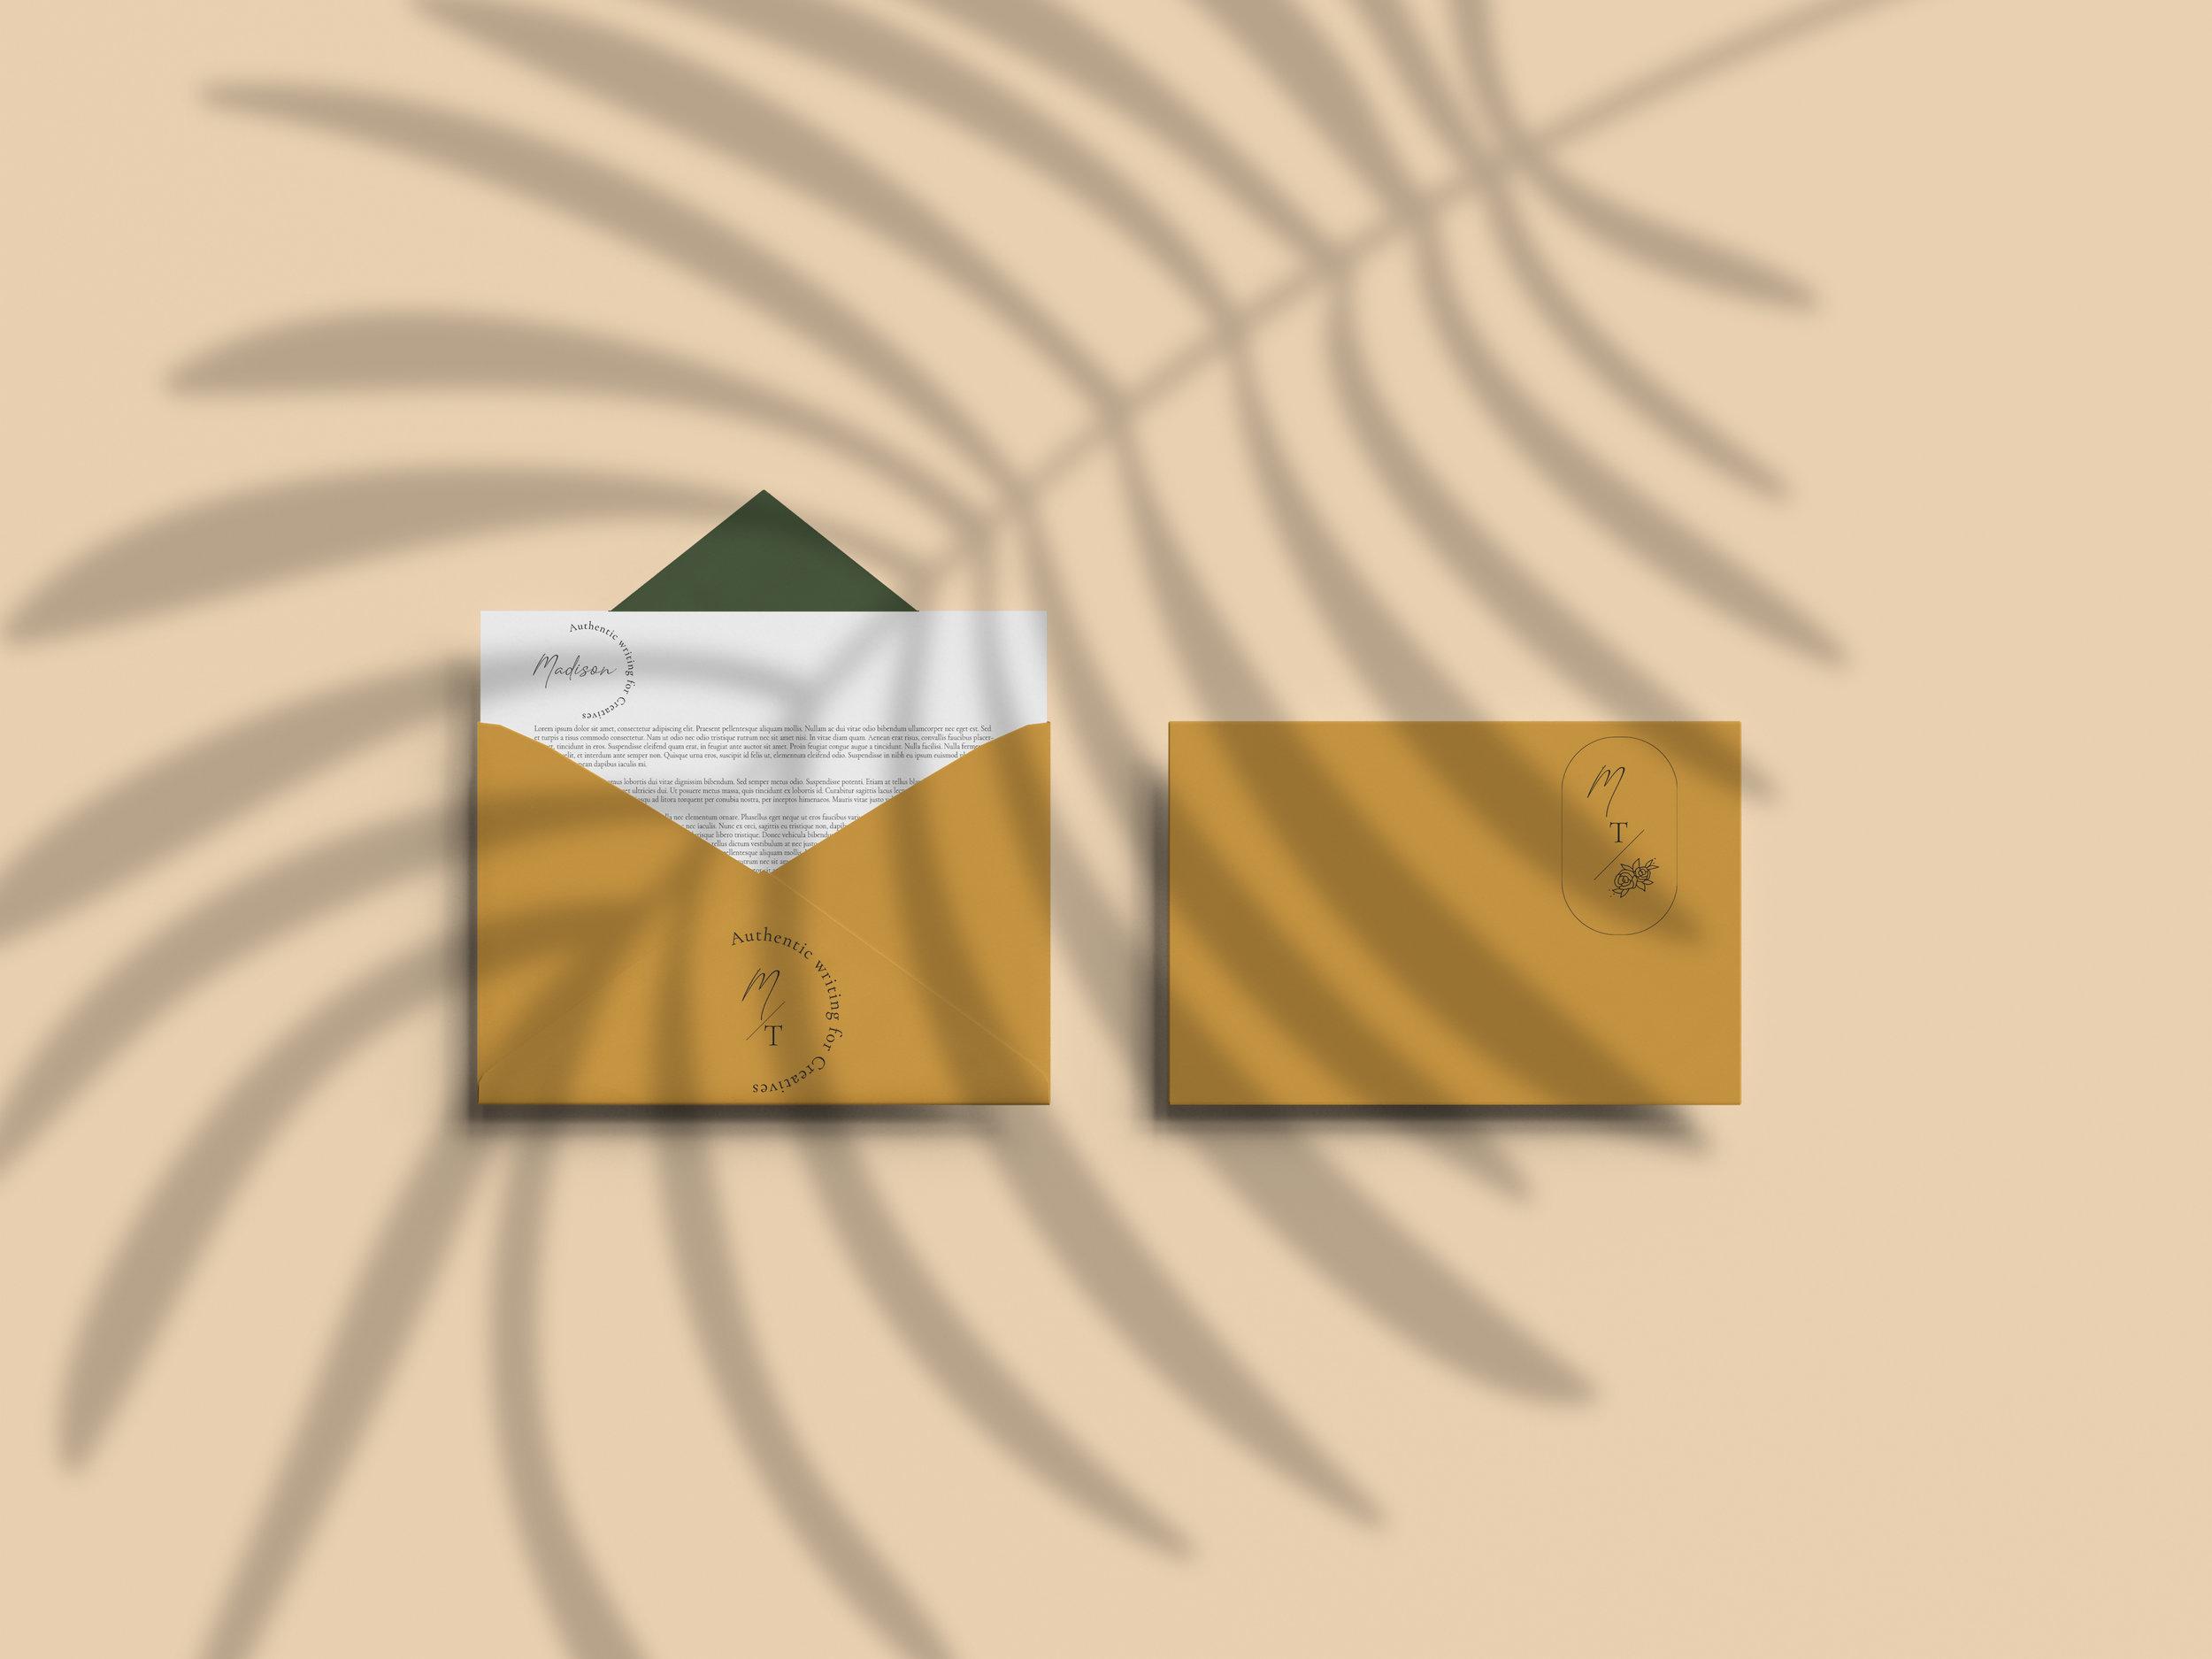 mt letter.jpg